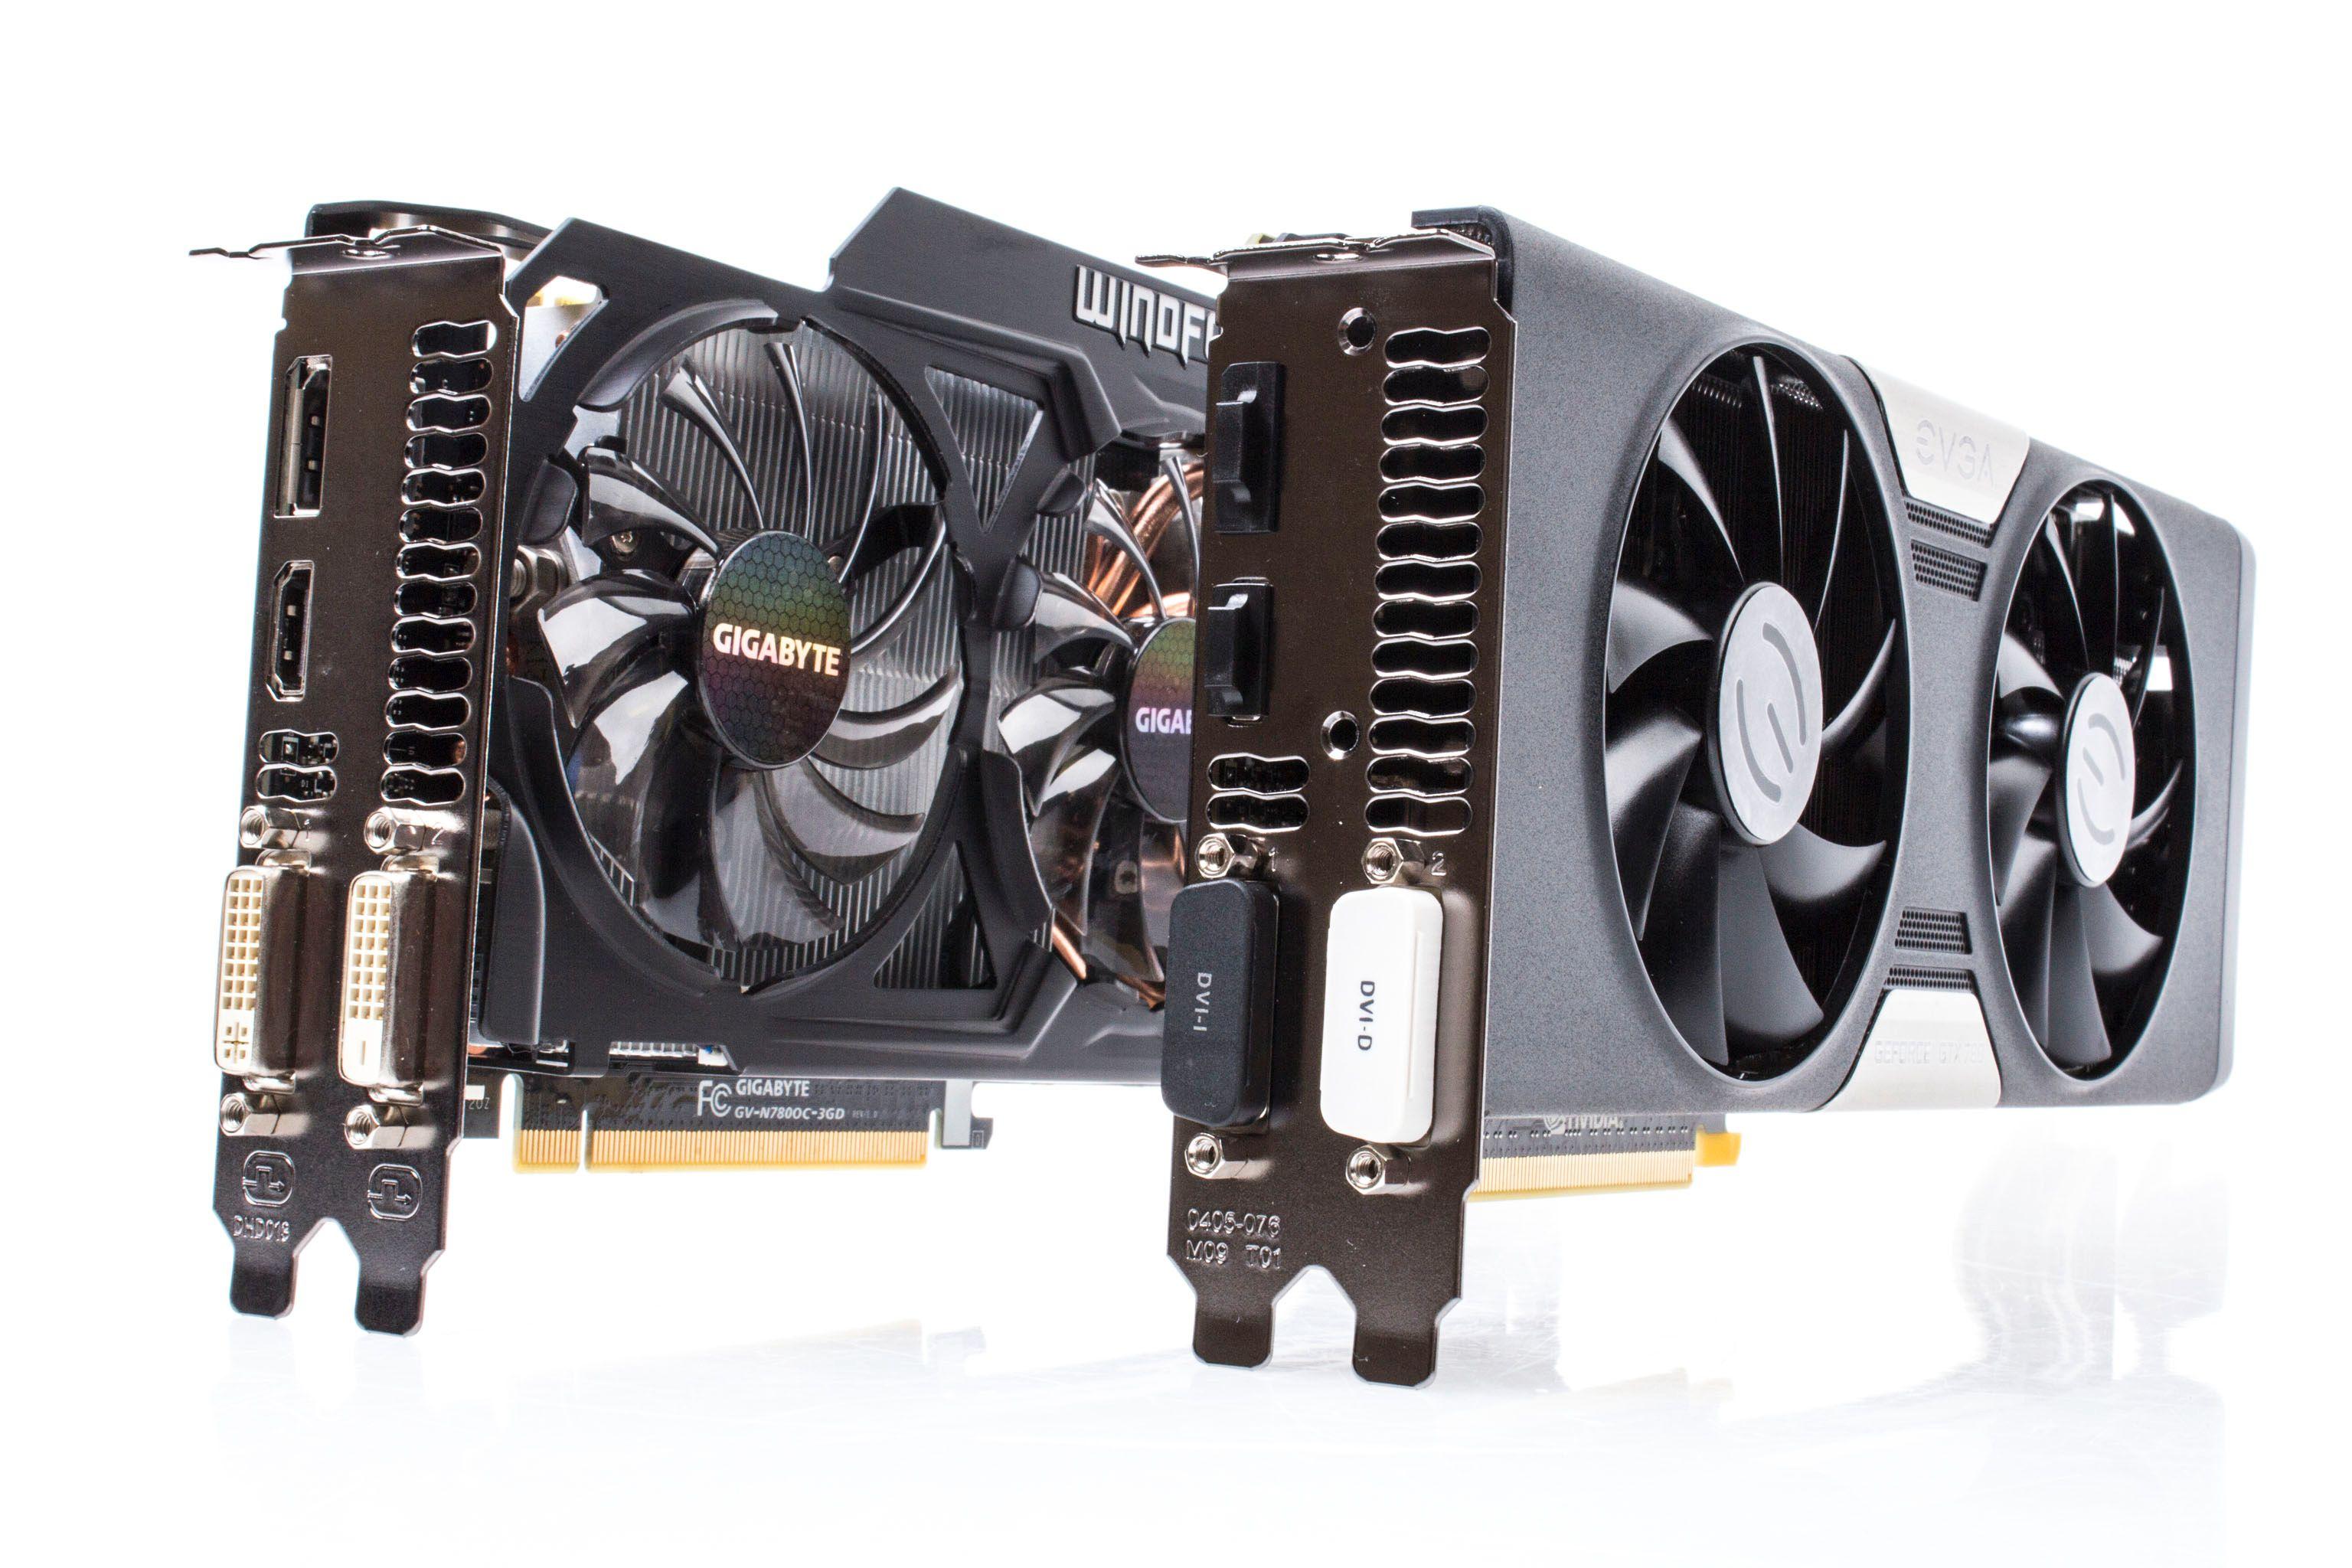 Topputgavene av GeForce GTX 780 fra Gigabyte og EVGA skal få bryne seg på hverandre i dagens test.Foto: Varg Aamo, Hardware.no